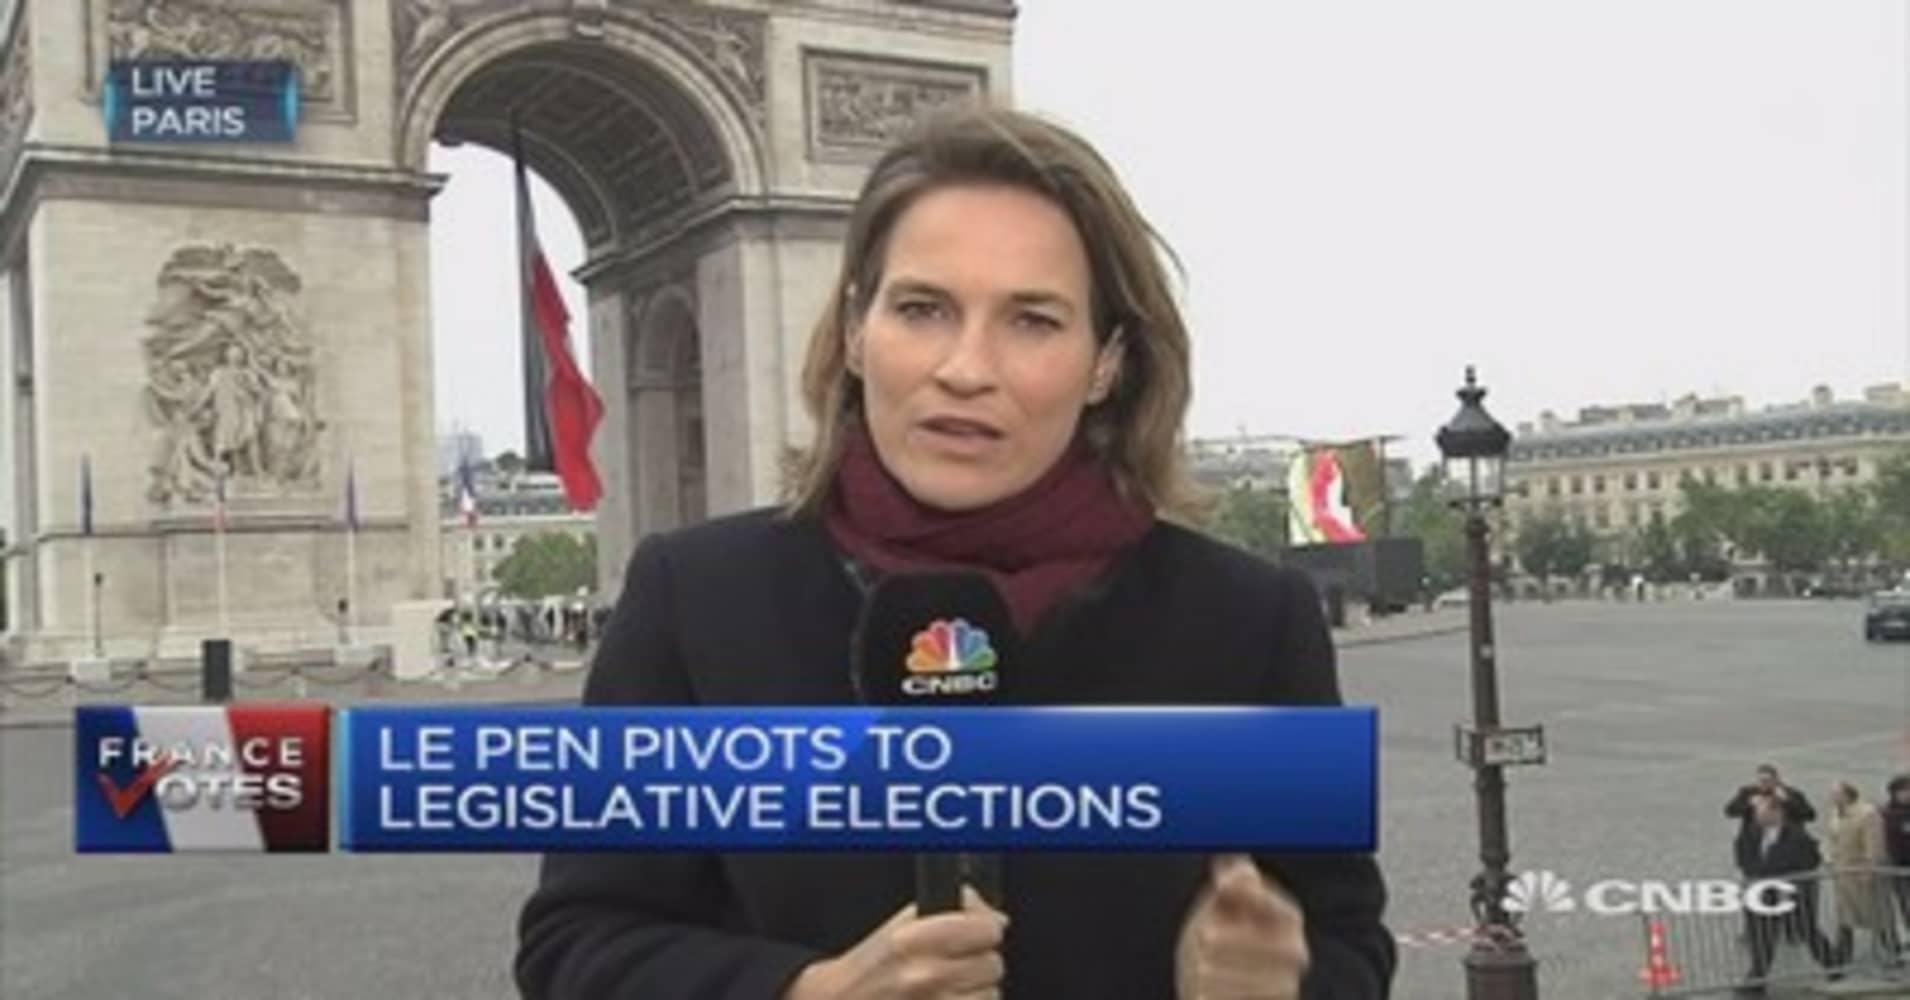 France elections 2017 live - France S Le Pen Pivots To Legislative Elections